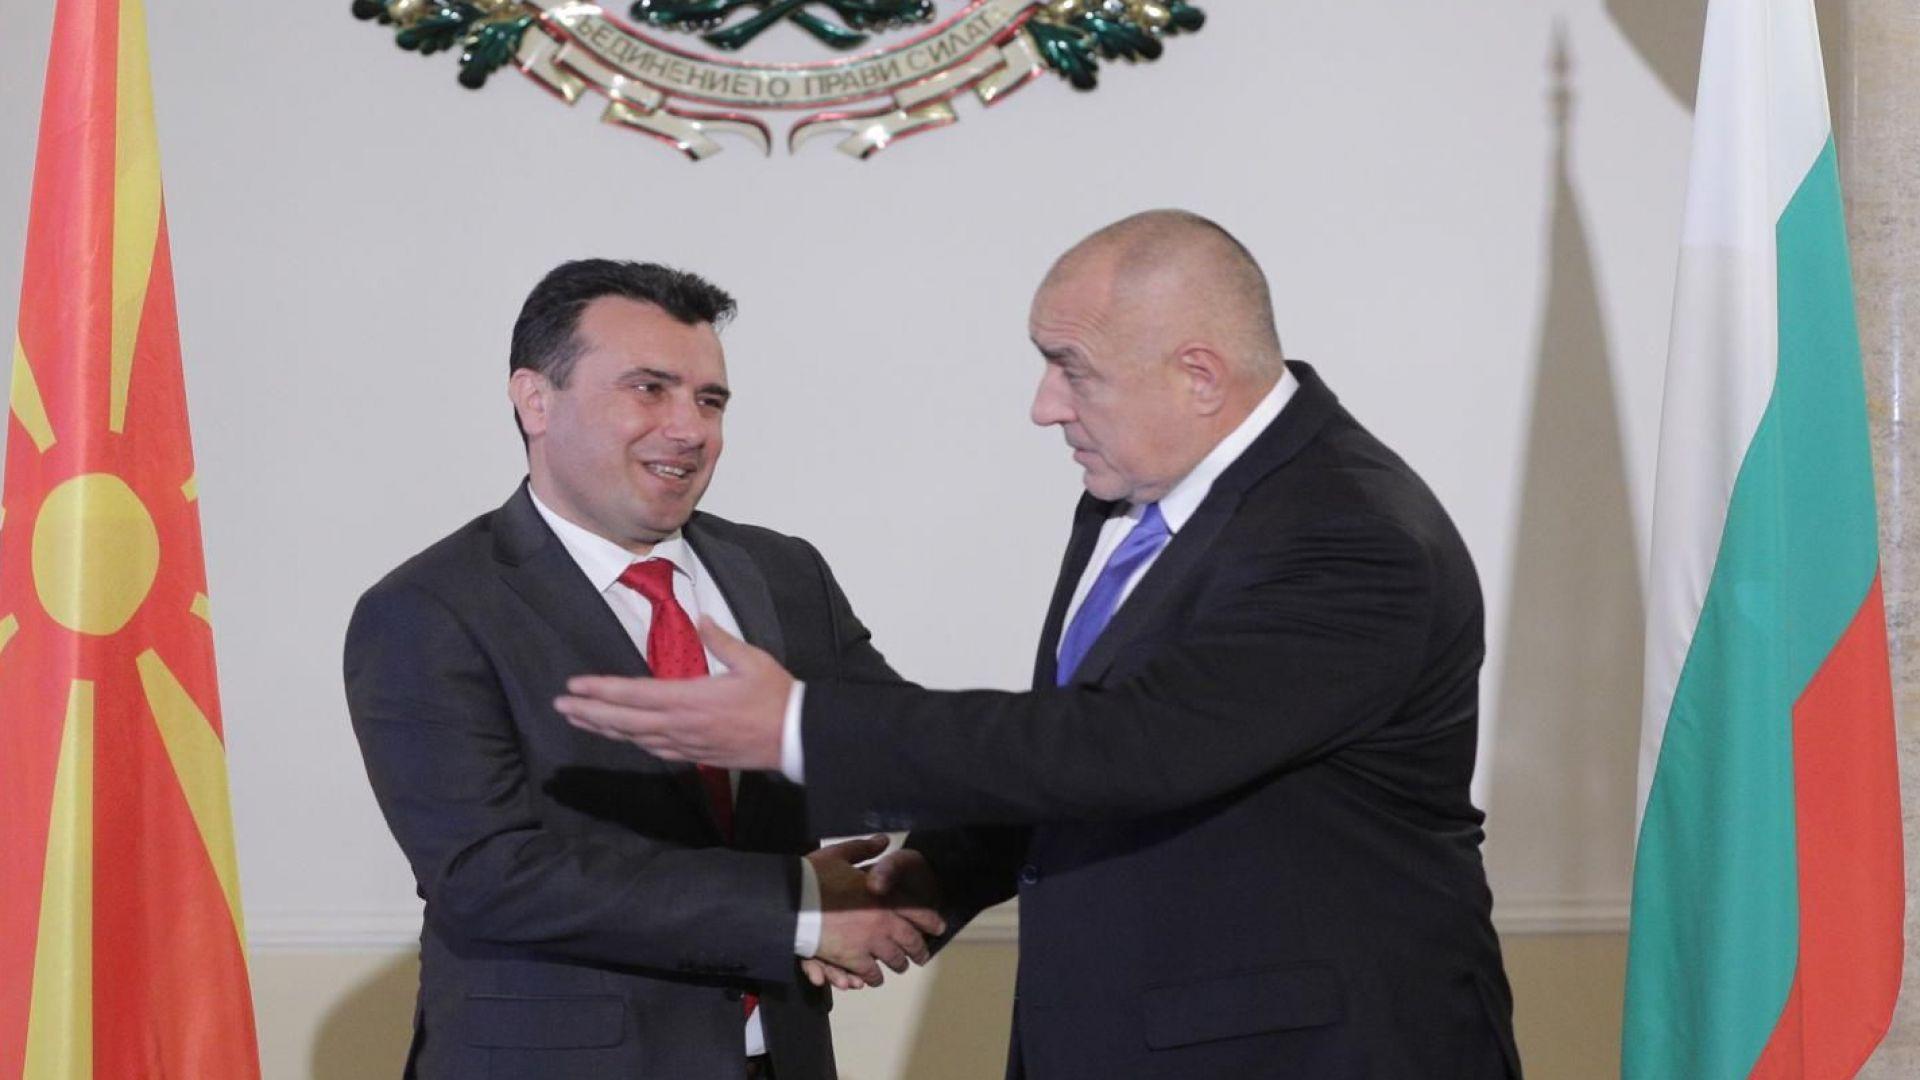 София и Скопие ще продължат да търсят общо решение за отворените въпроси